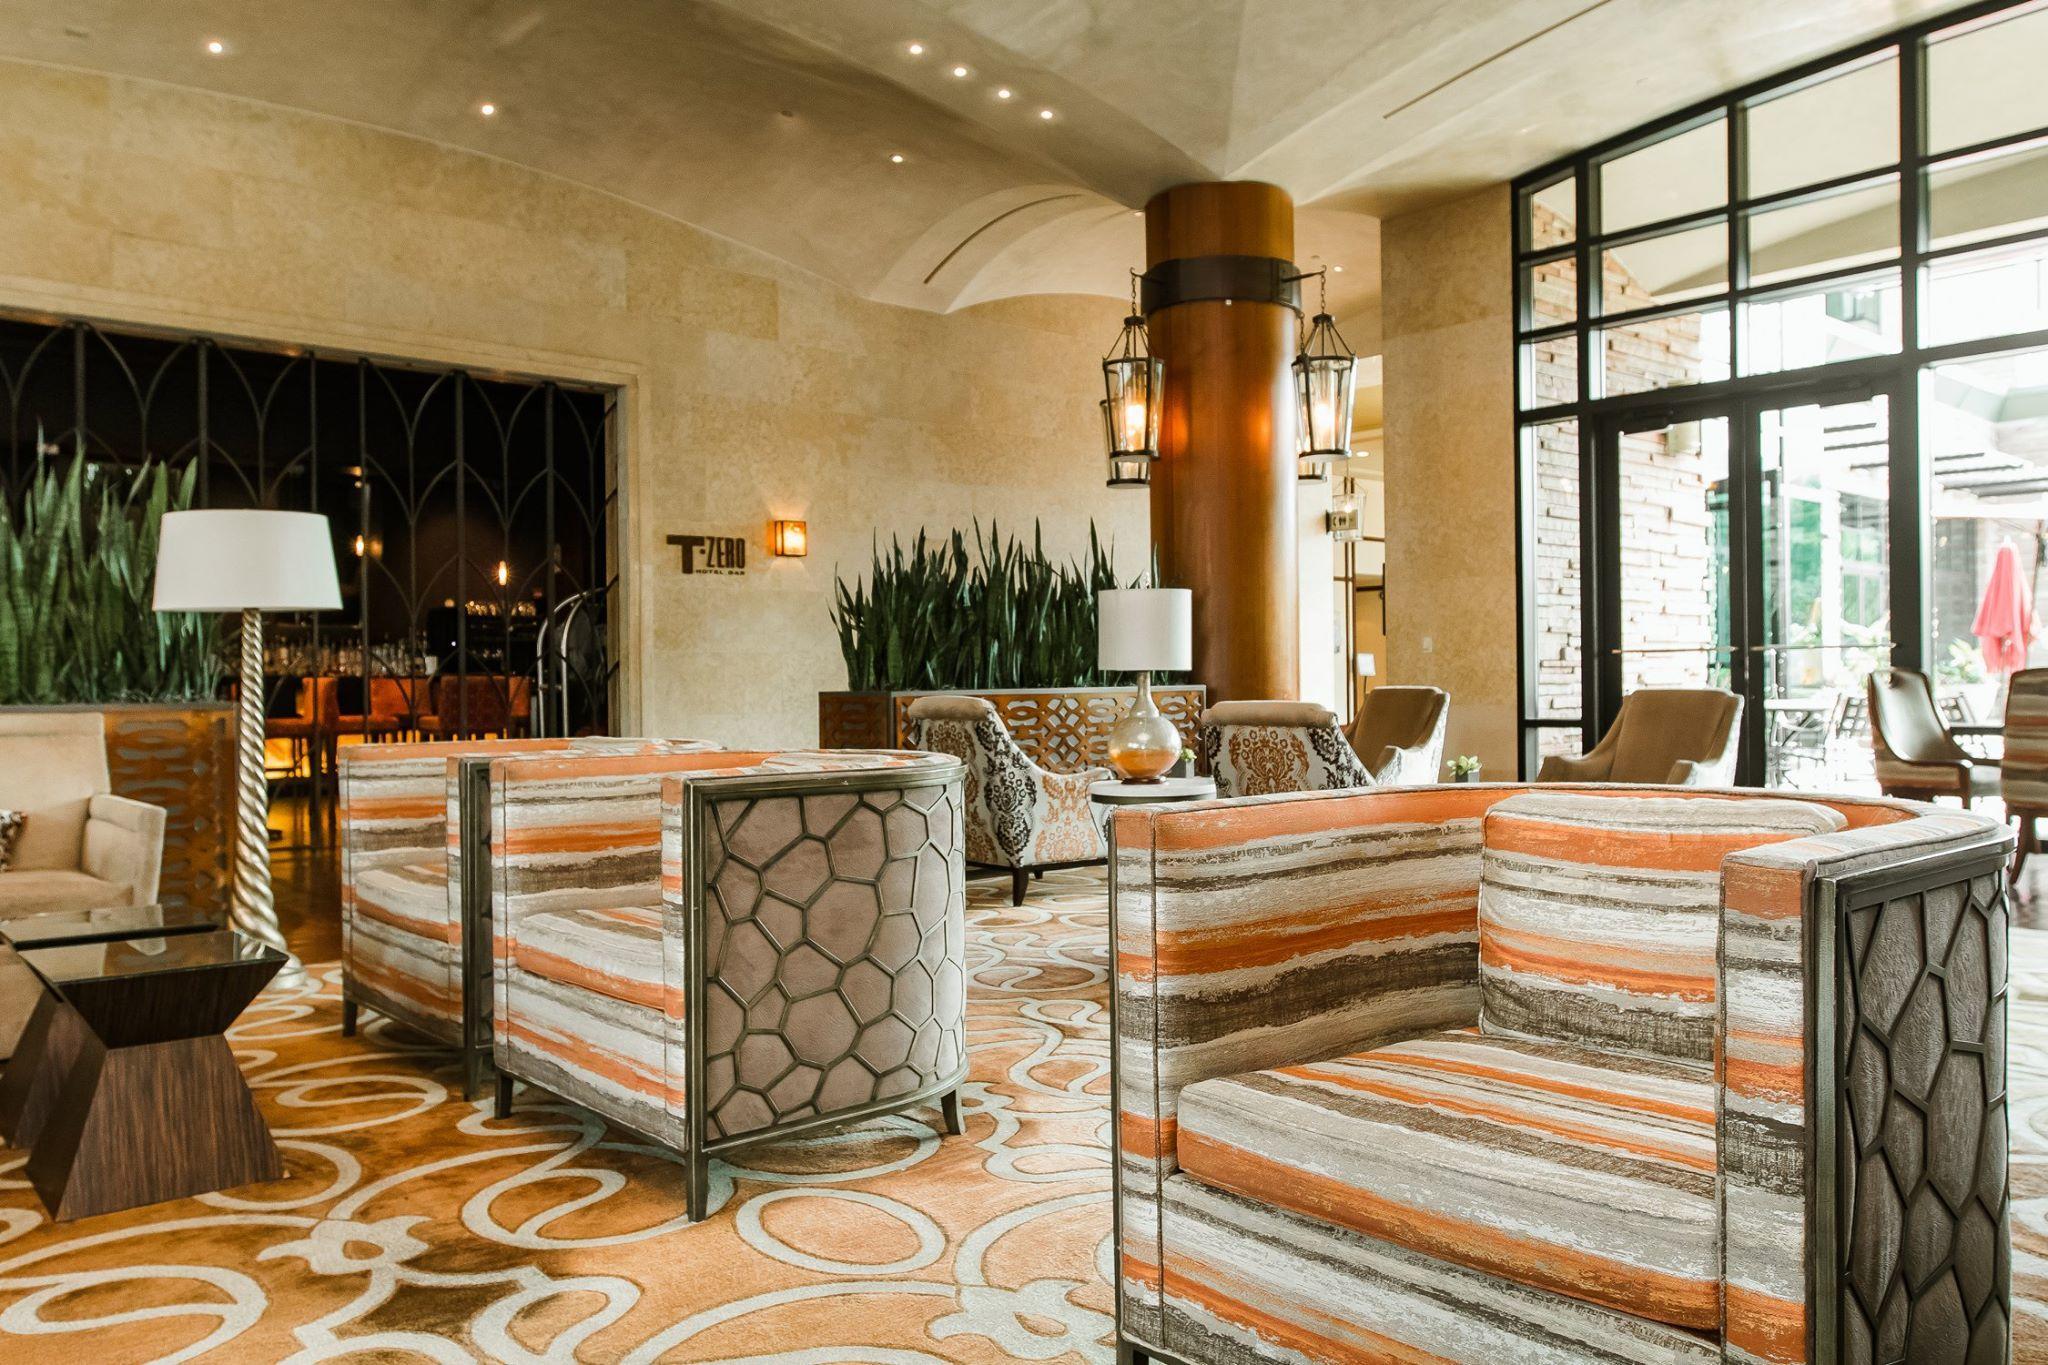 St. Julien Hotel & Spa - Lobby